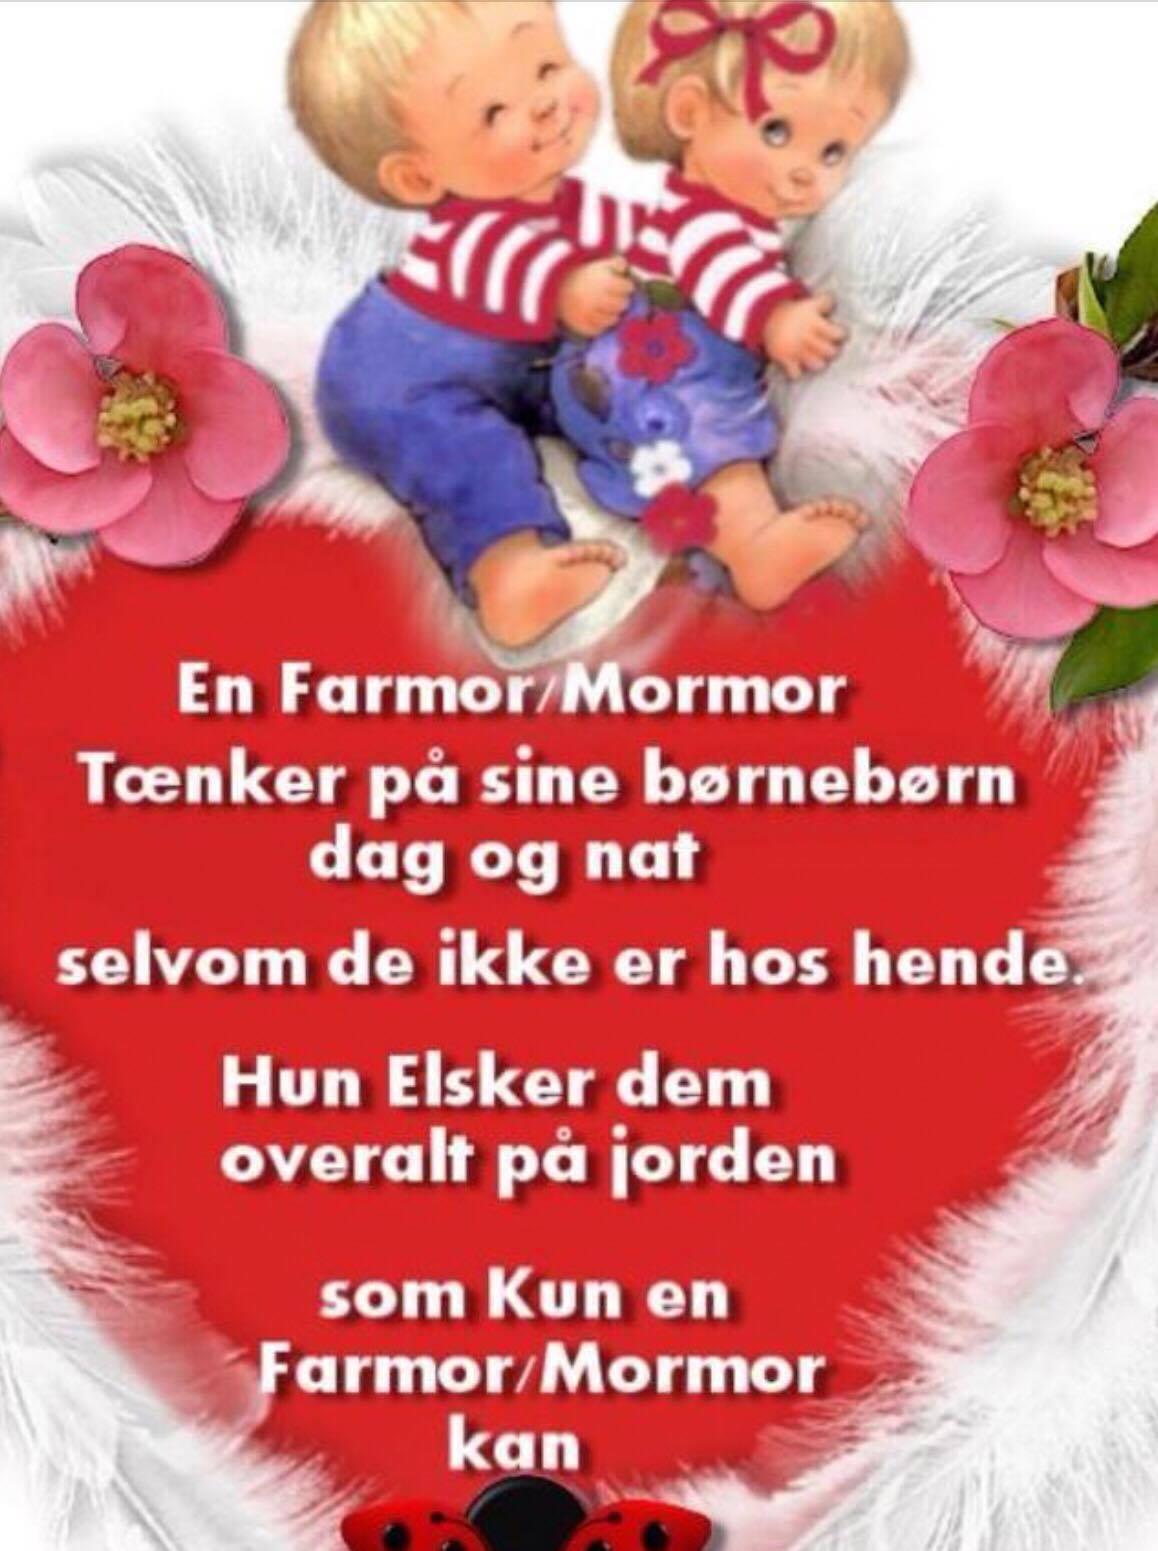 En Farmor:Mormor tænker på sine børnebørn dag og nat